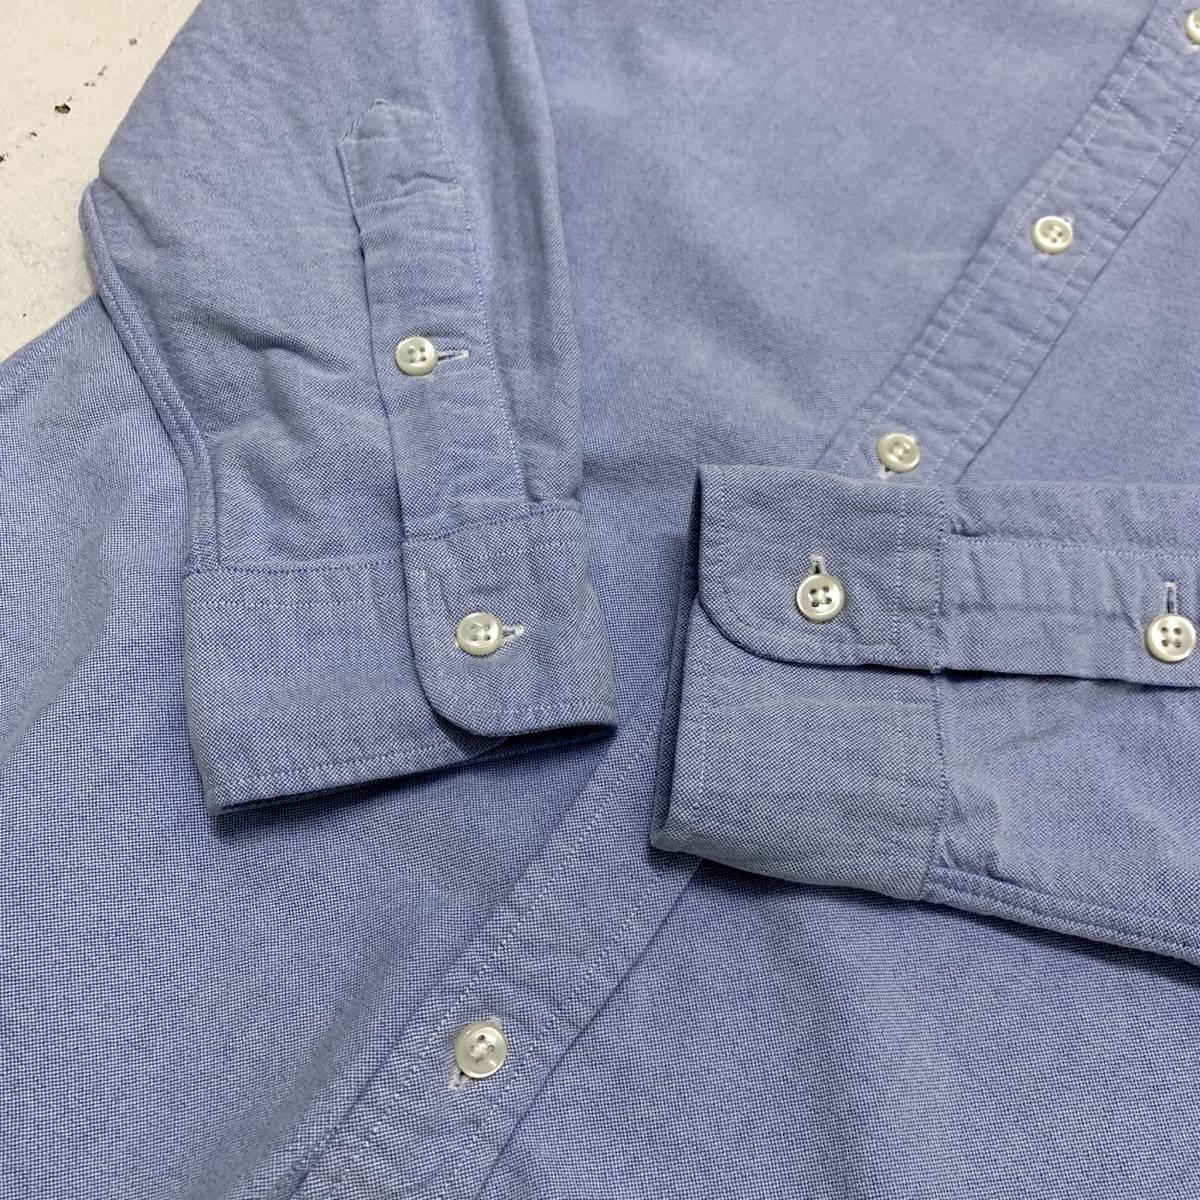 ラルフ ローレン Ralph Lauren オックスフォード シャツ Sサイズ SLIM FIT ブルー マチ付き 長袖 古着 ボタンダウン_画像4